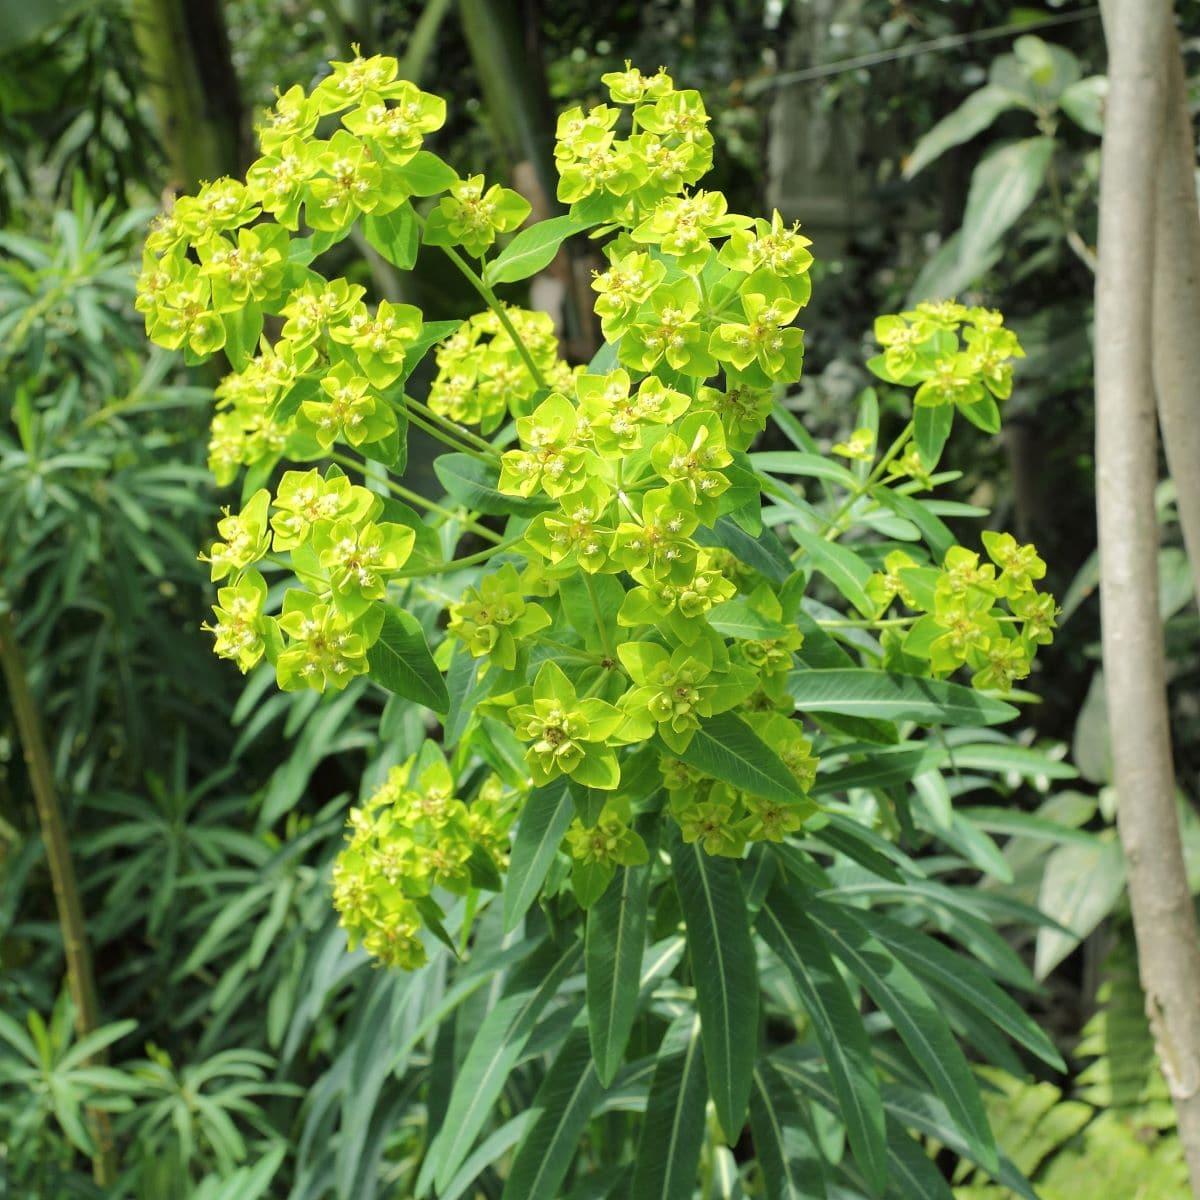 La Euphorbia es un género de plantas muy numeroso